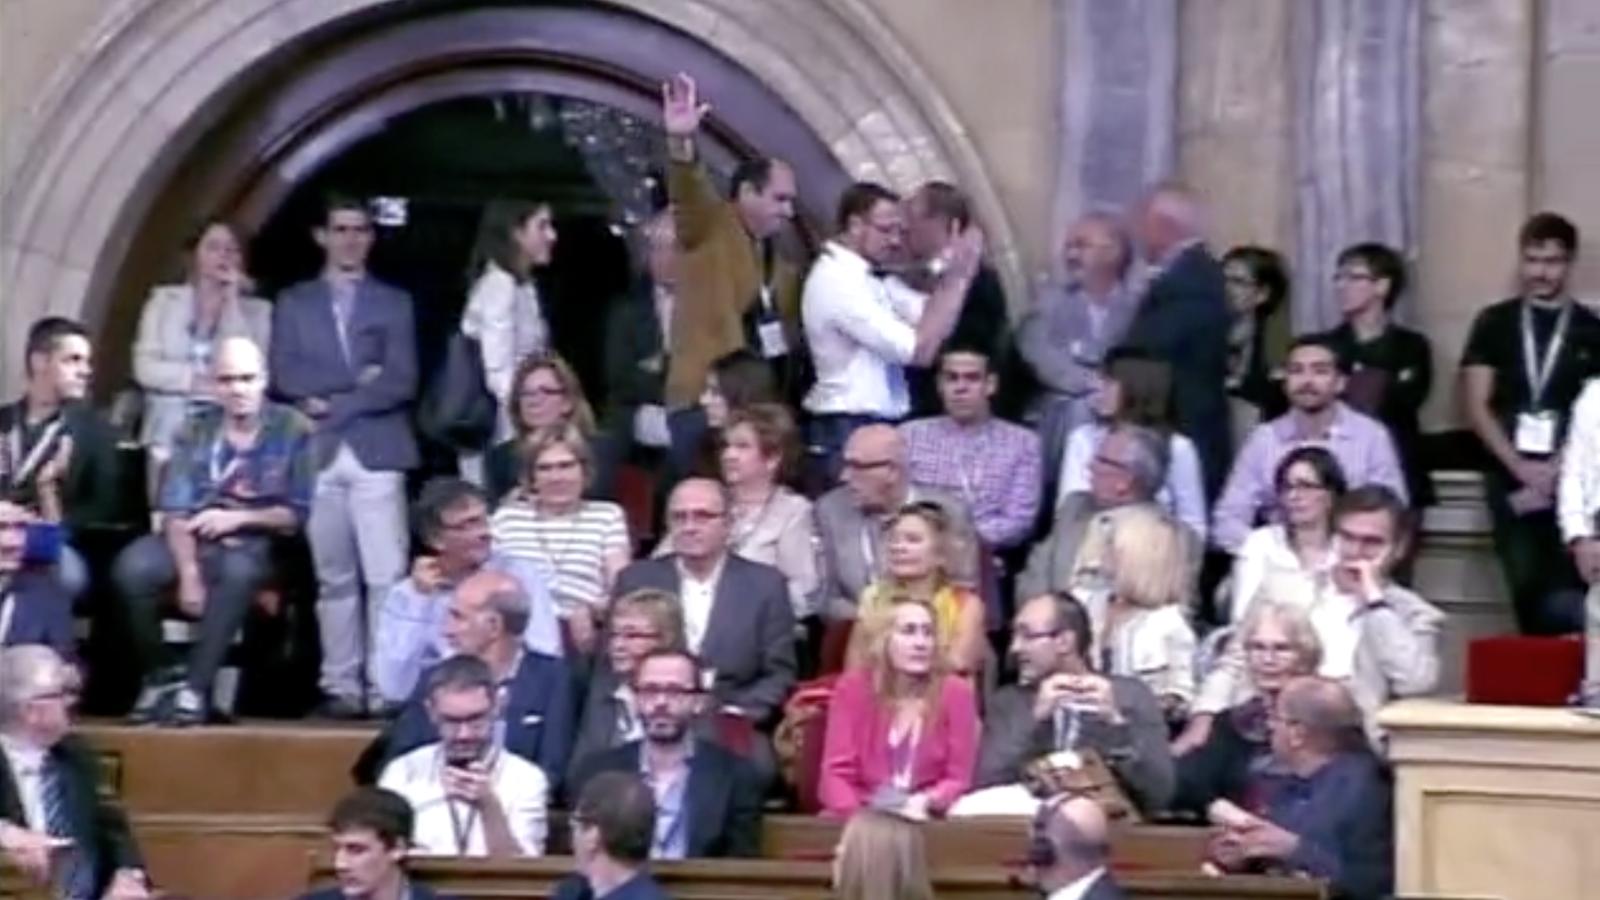 Un convidat del PP a la tribuna del Parlament aixeca el braç i crida 'Viva España'